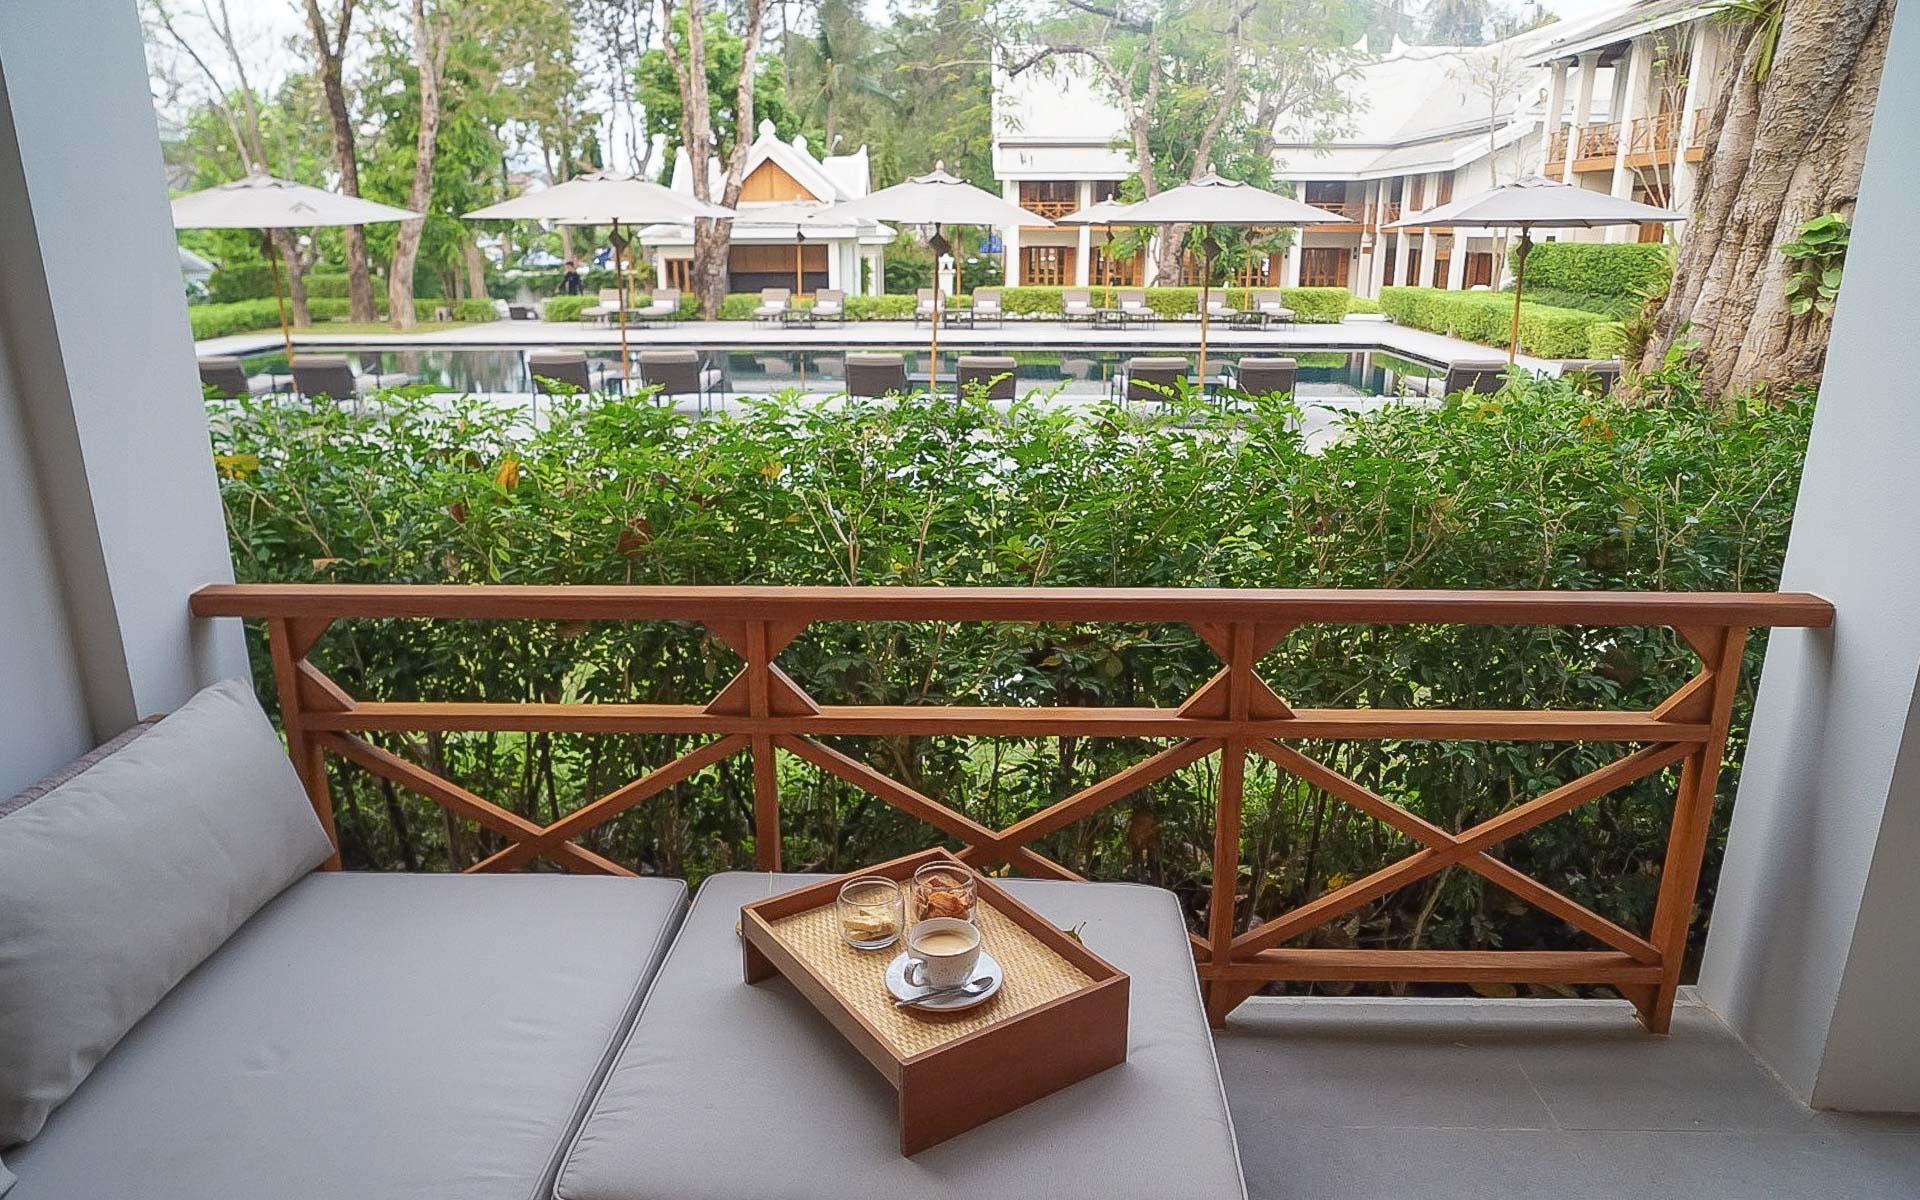 Lesvoyageuses-voyager-au-laos-luang-prabang-avani-hotel-11